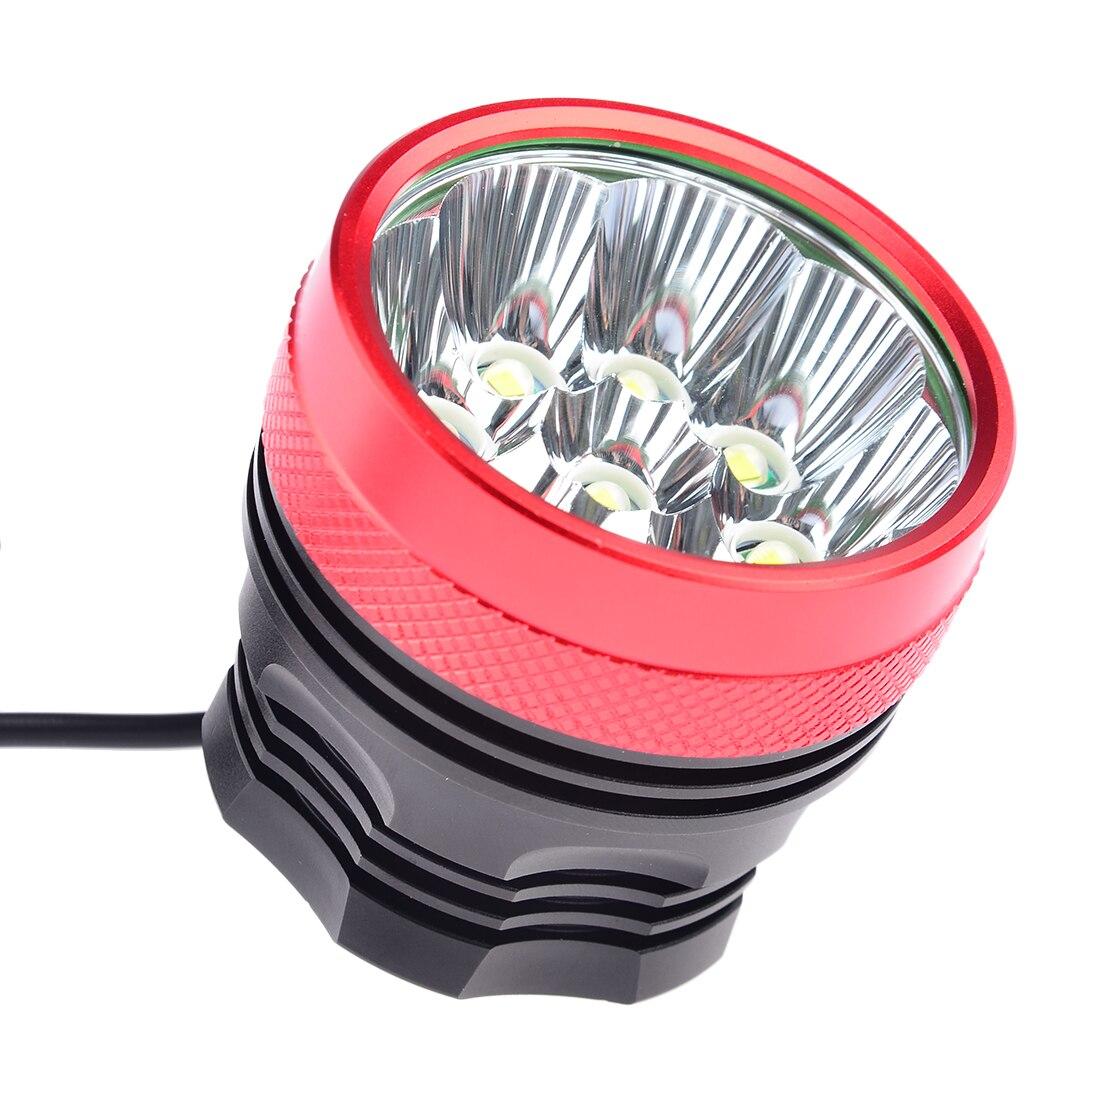 Accessoires de vélo 9x Cree XML T6 LED 7200 Lumen vélo lumières vélo avant lumière et phare phare batterie 7200 mAh - 2